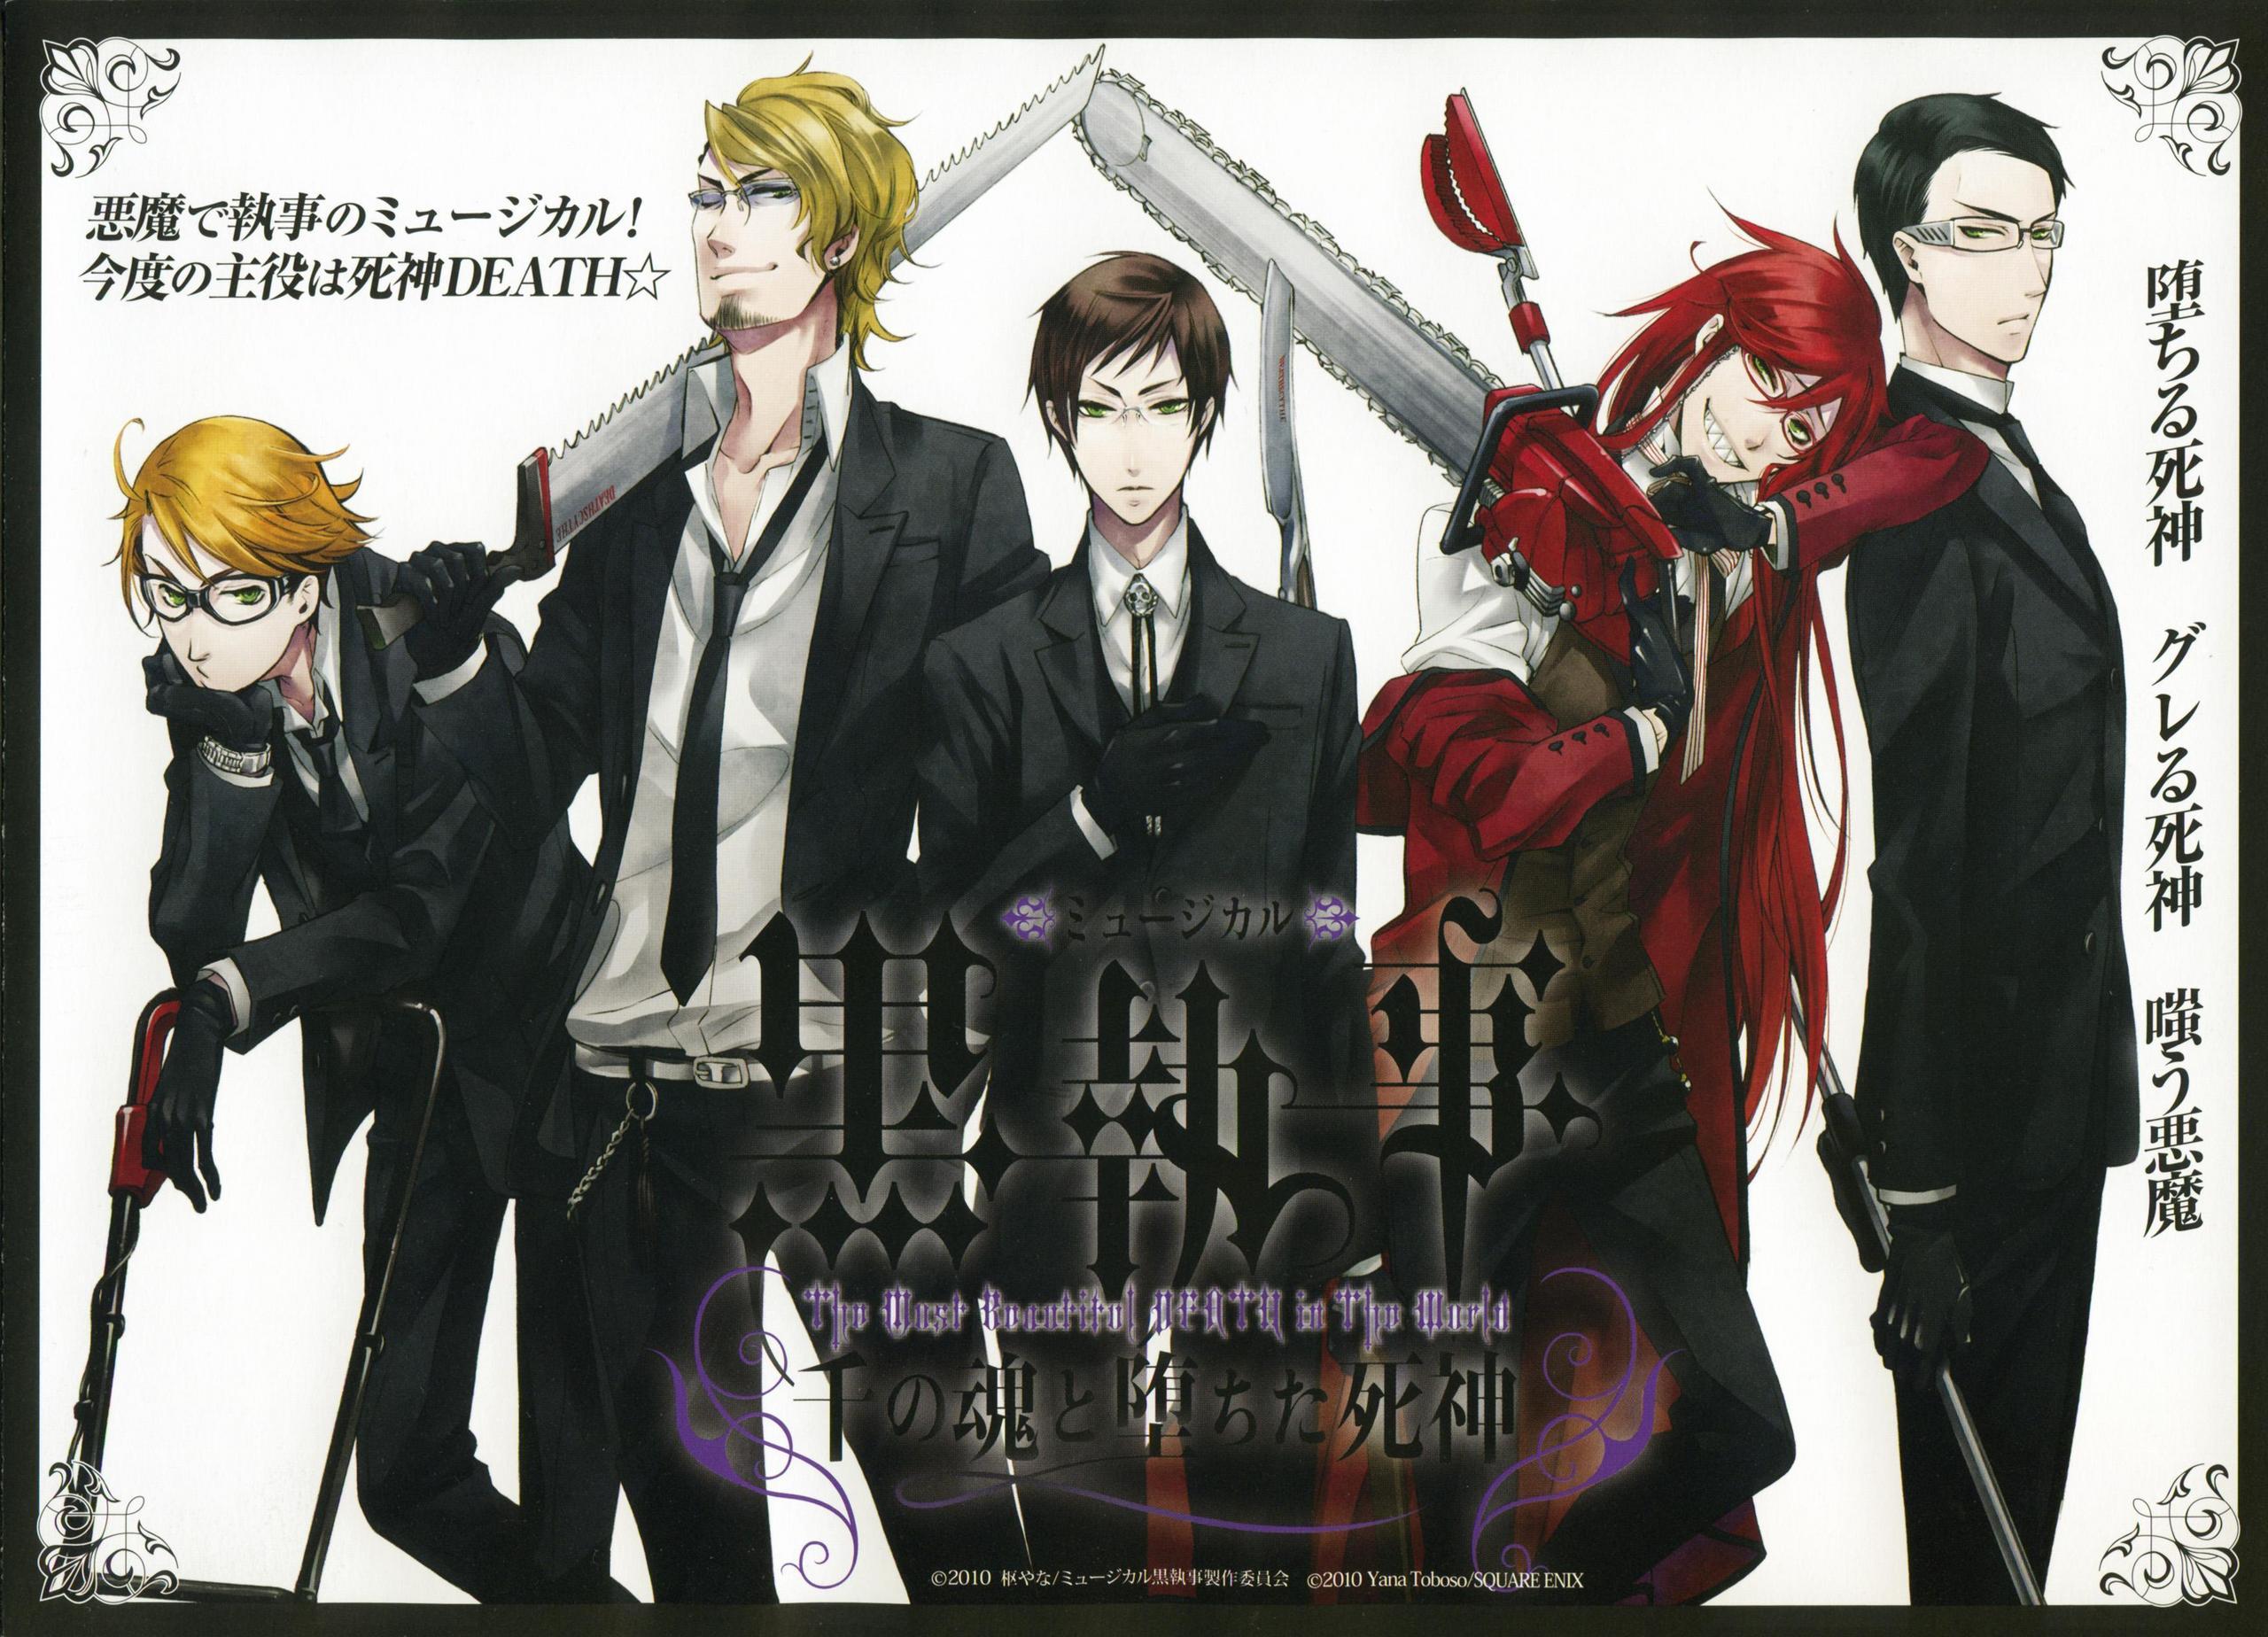 Shinigamis Significado Y Apariciones En Manga Amp Anime